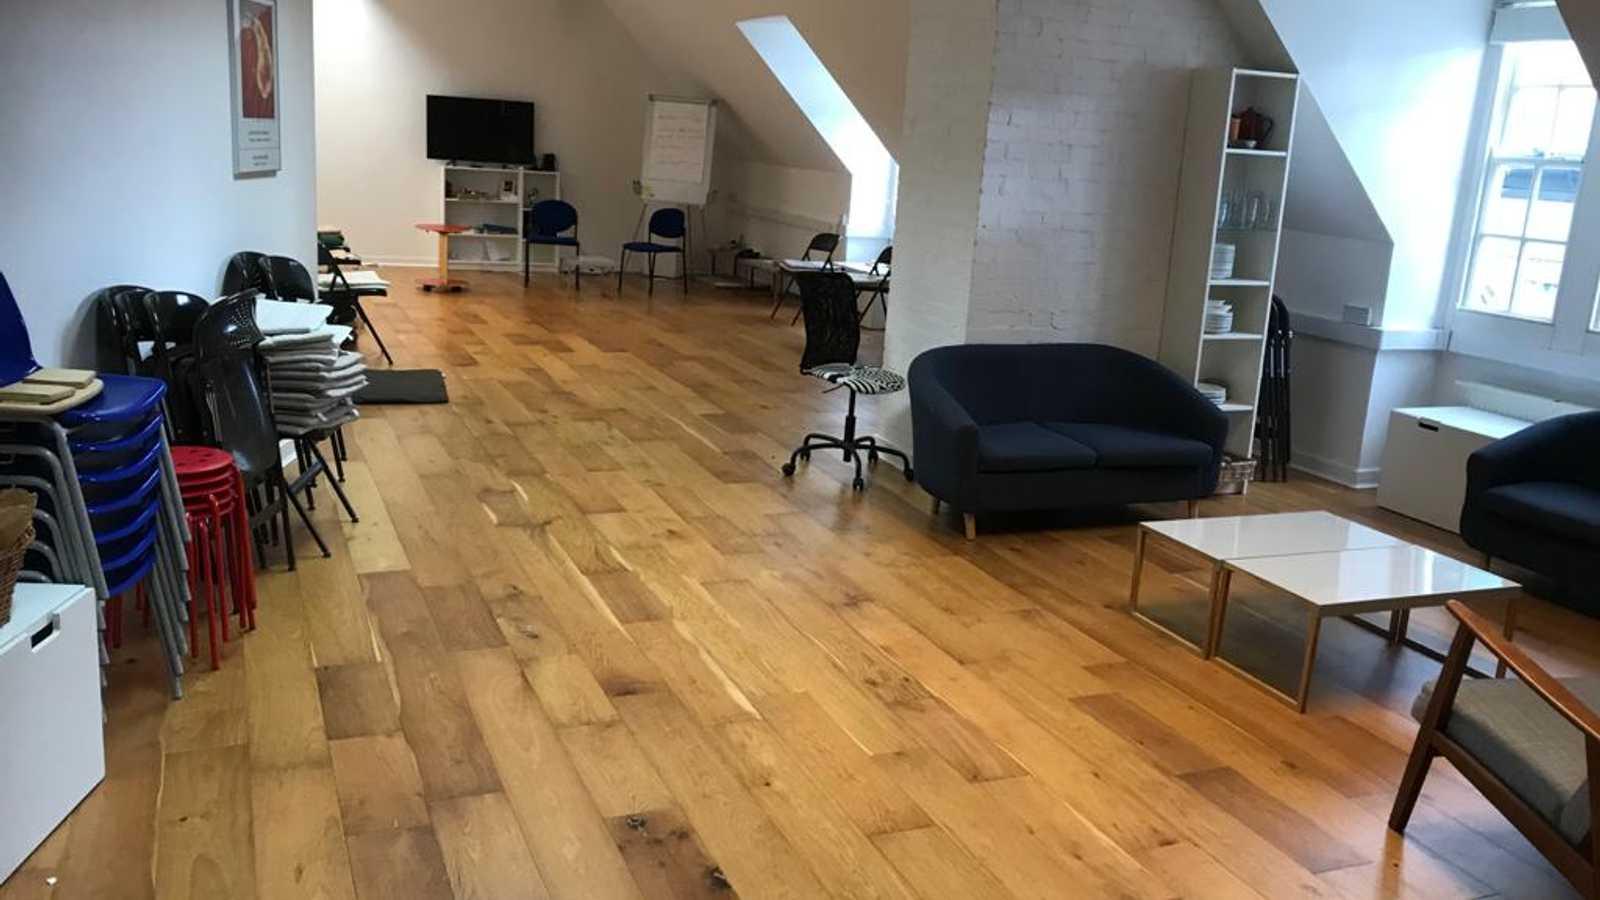 Studio 3.28